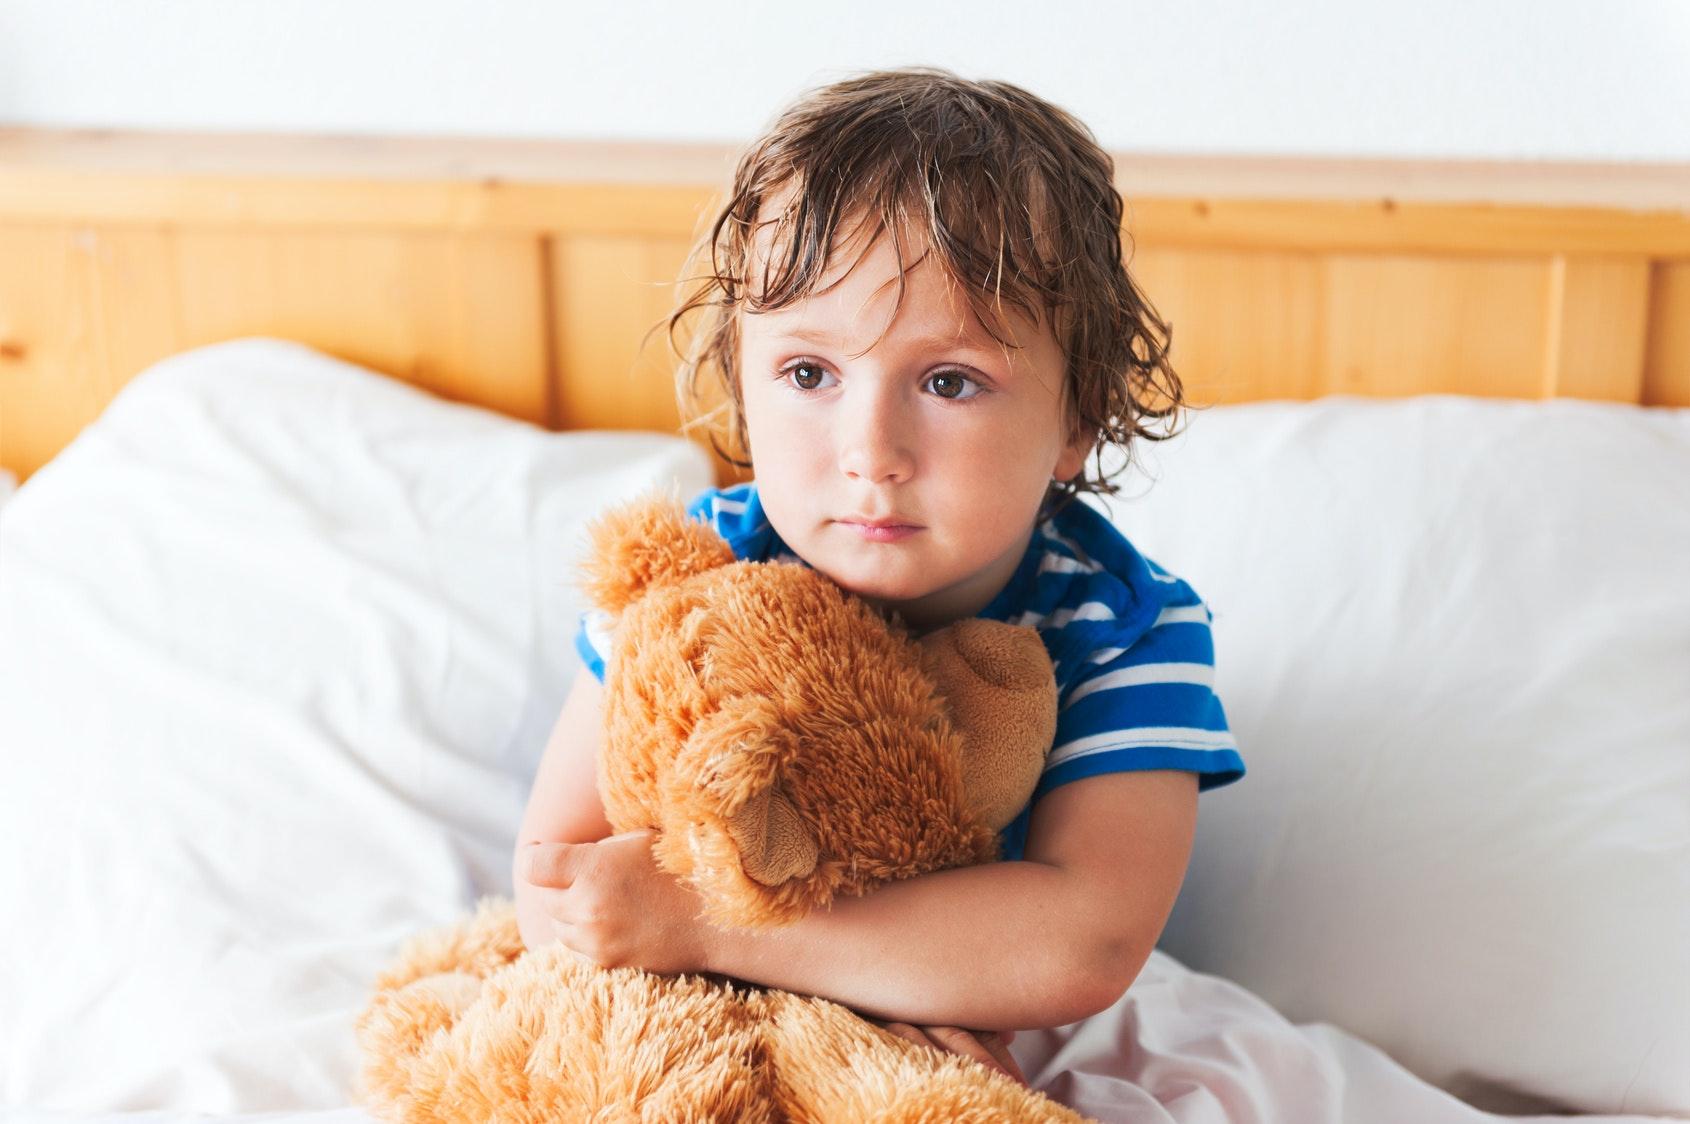 aider son enfant progresser ducation de l 39 enfant. Black Bedroom Furniture Sets. Home Design Ideas